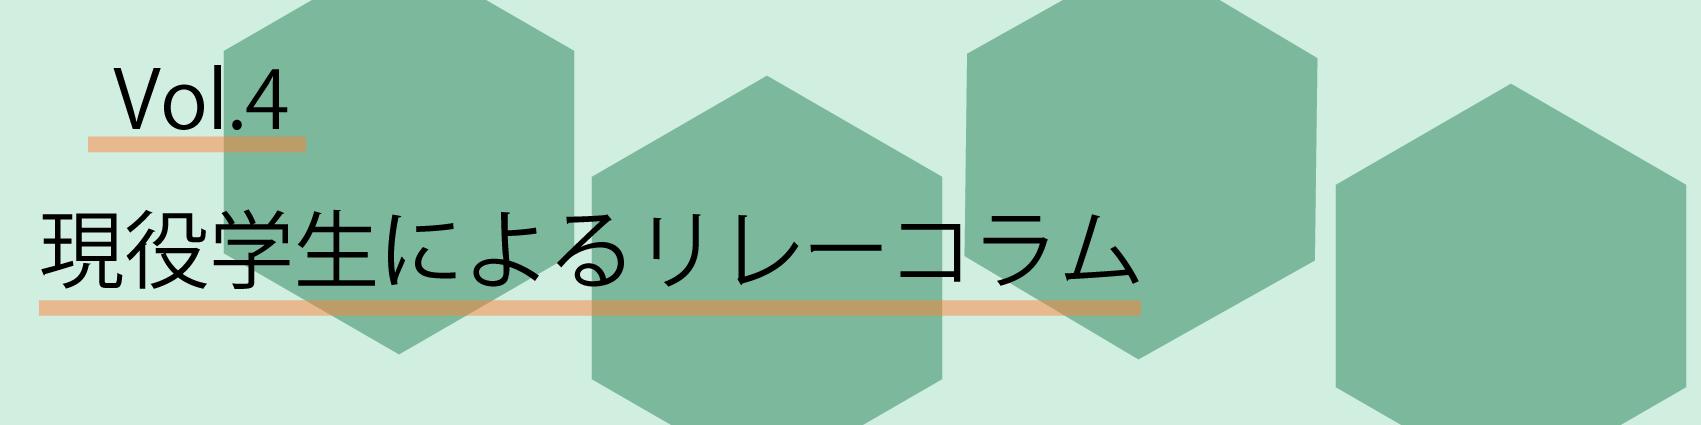 表紙絵vol4